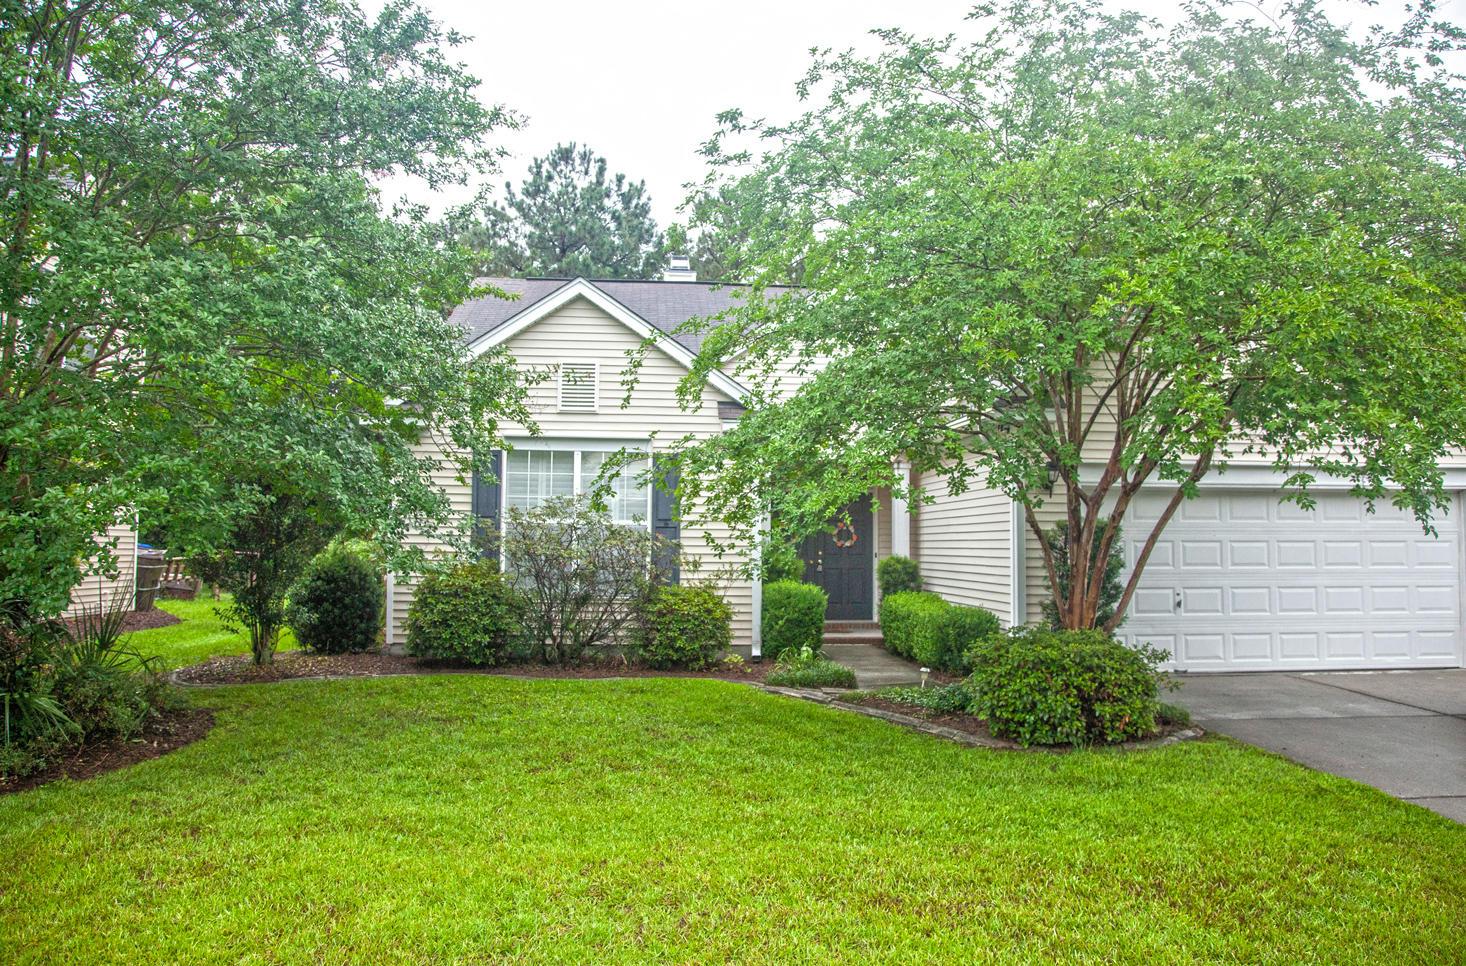 Park West Homes For Sale - 3190 John Bartram Place, Mount Pleasant, SC - 14